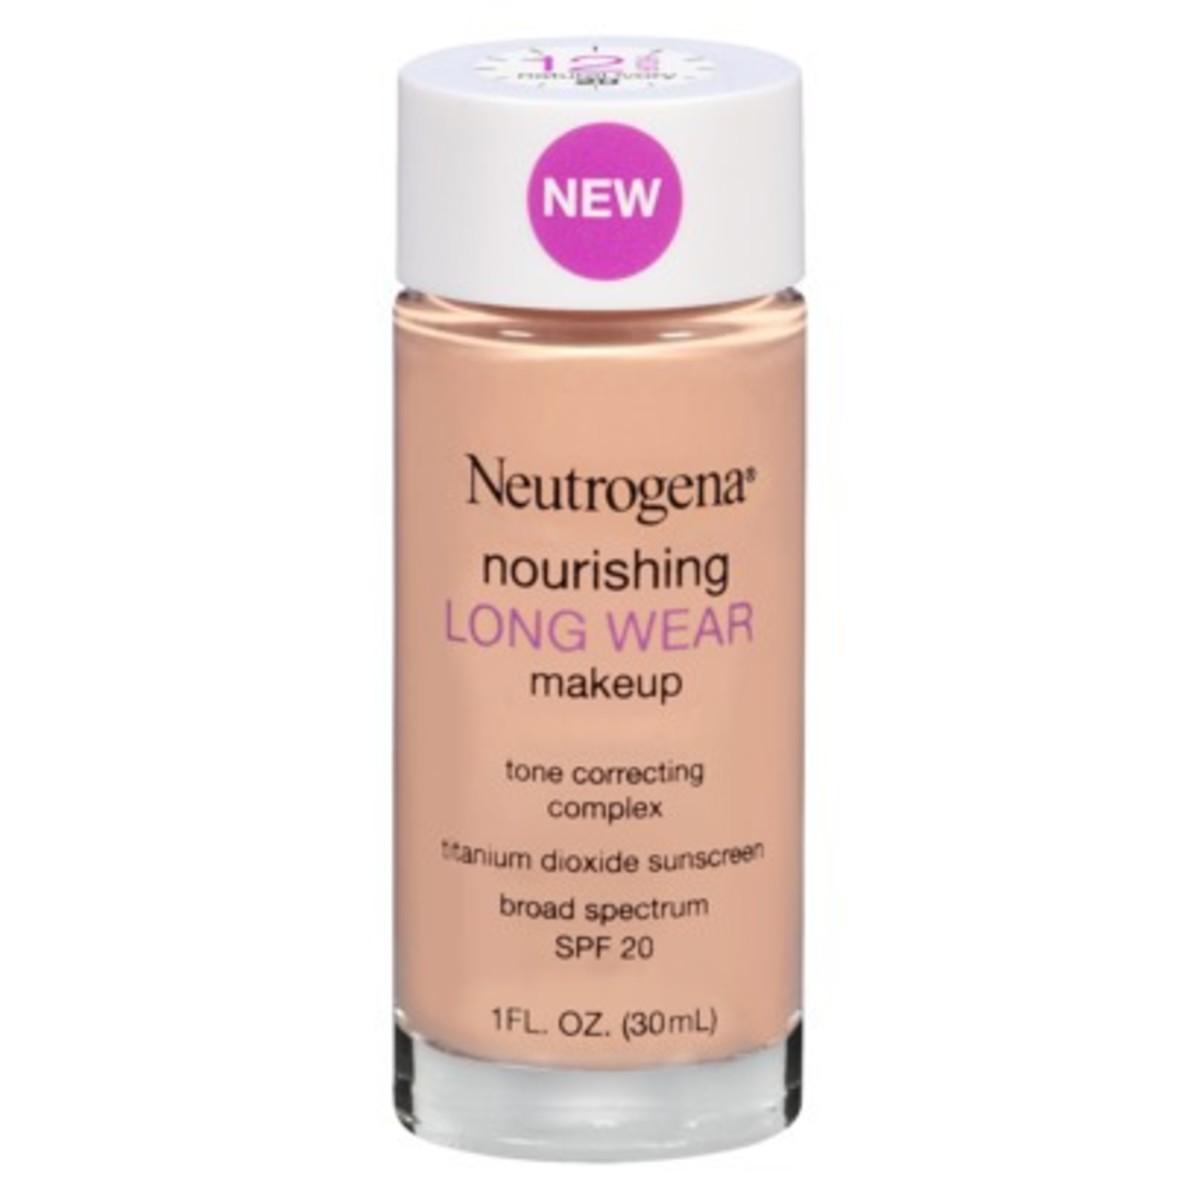 Neutrogena Nourishing Long Wear Makeup